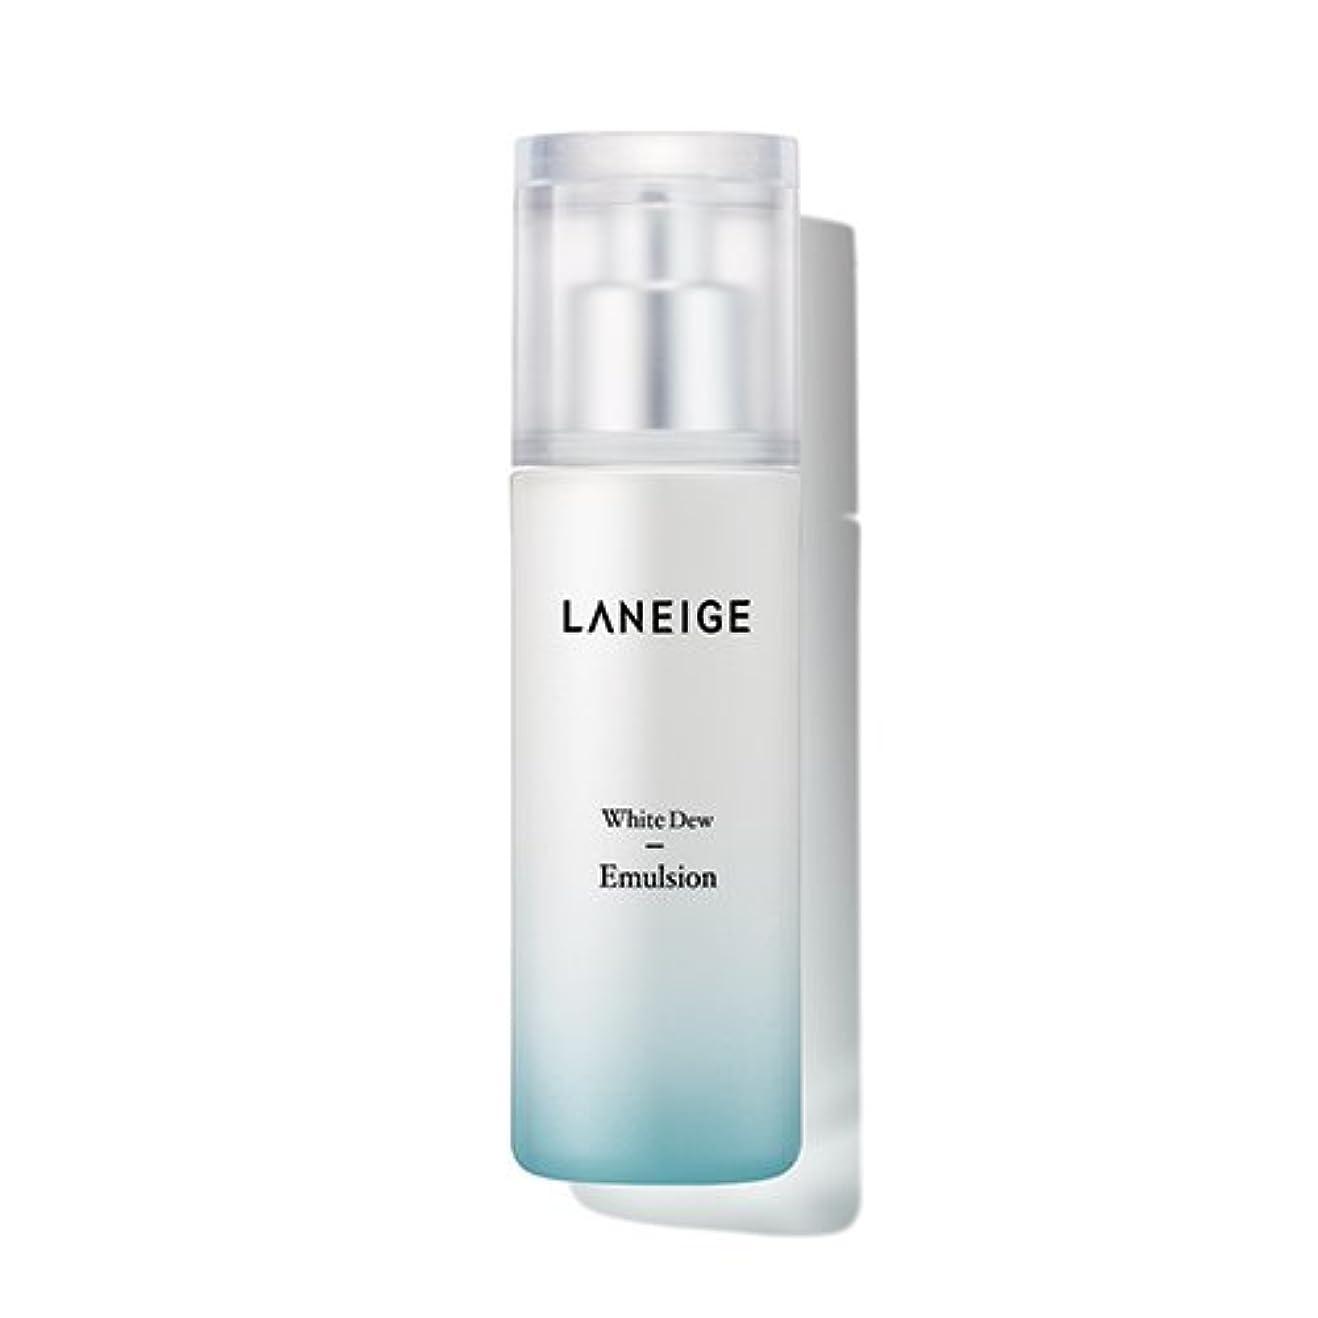 ほとんどの場合博覧会スポンサー[ラネージュ] LANEIGE ホワイトデューエマルジョン White Dew Emulsion(海外直送品) [並行輸入品]